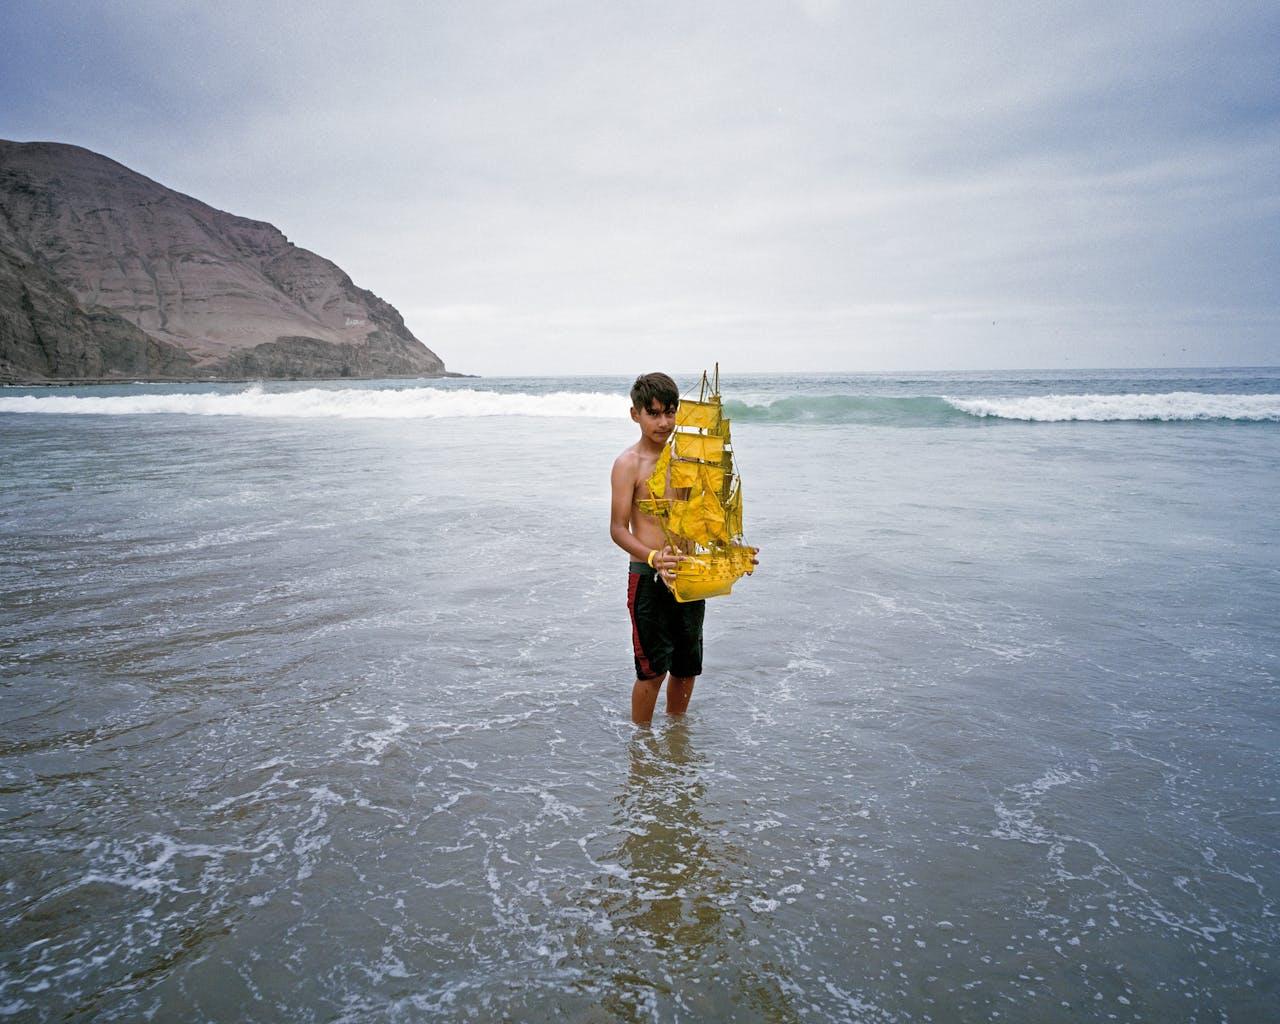 'Resolution, Lima' (2015). Liam, nazaat van James Cook, in de oceaan bij Lima in Peru.